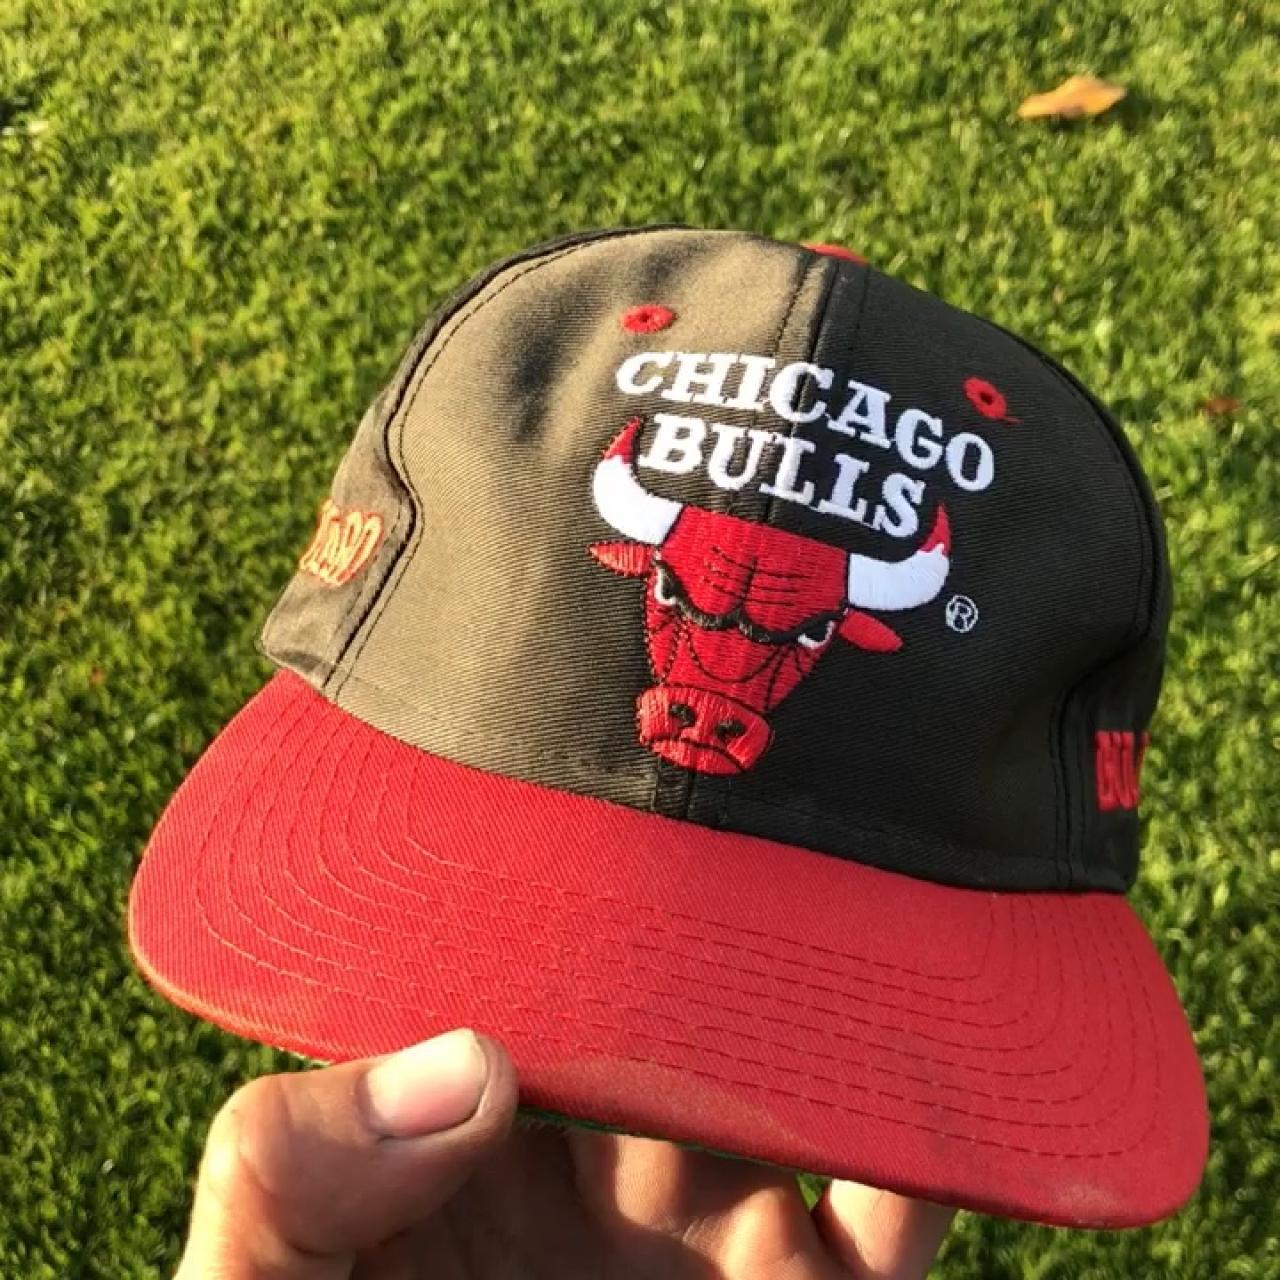 ef8f52d62b94df 🔥 Vintage Chicago Bulls red and black SnapBack hat. bulls 7 - Depop